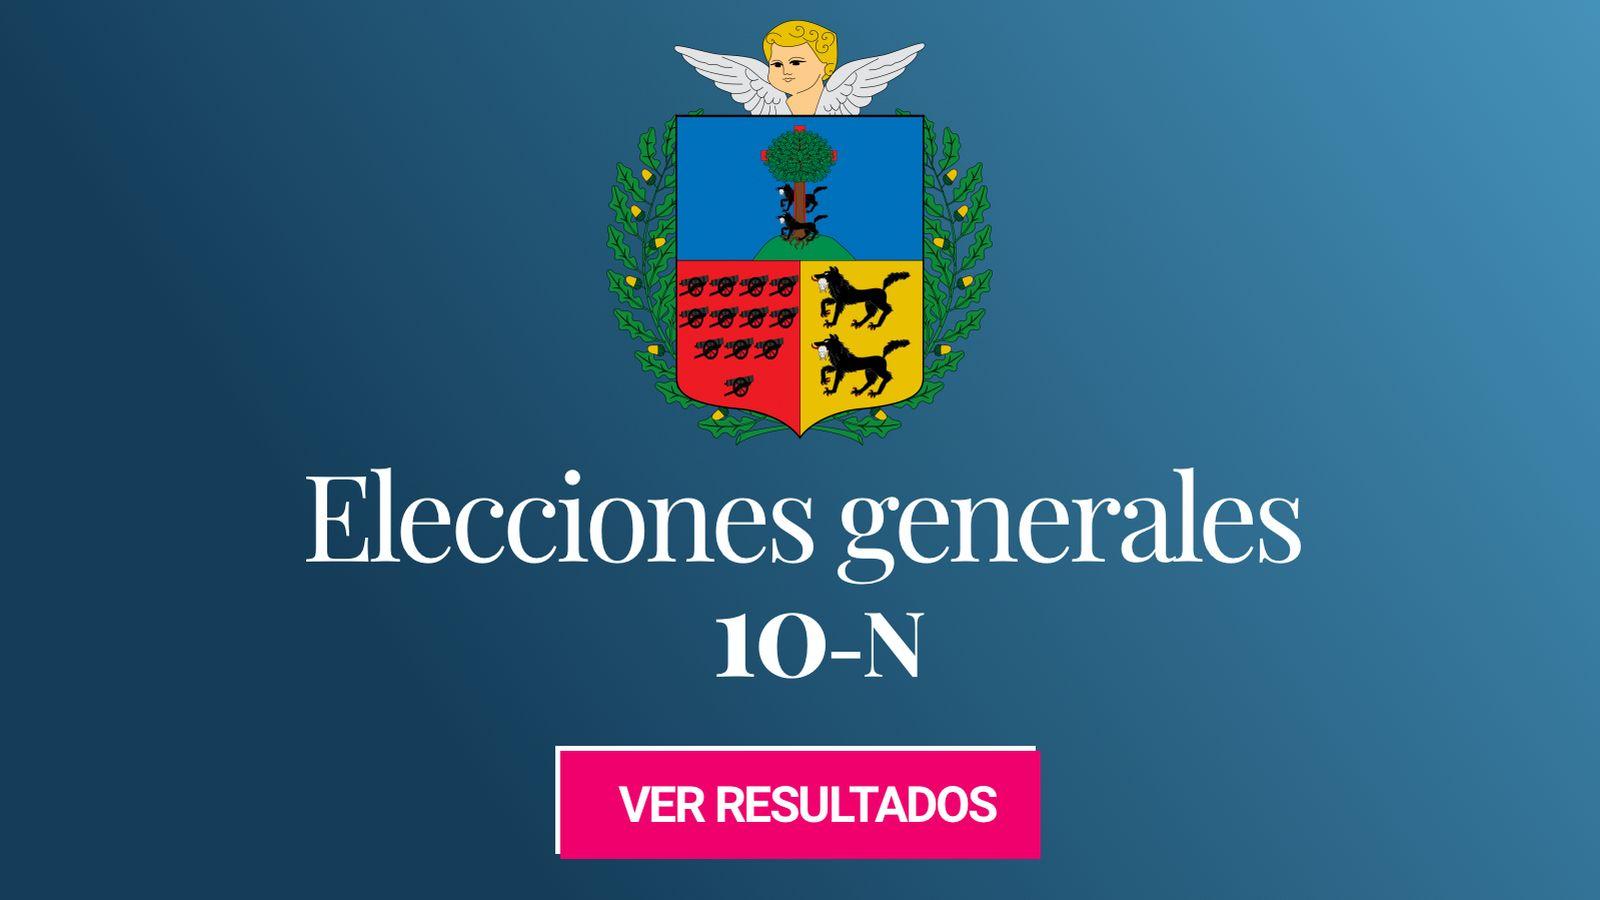 Foto: Elecciones generales 2019 en Barakaldo. (C.C./EC)